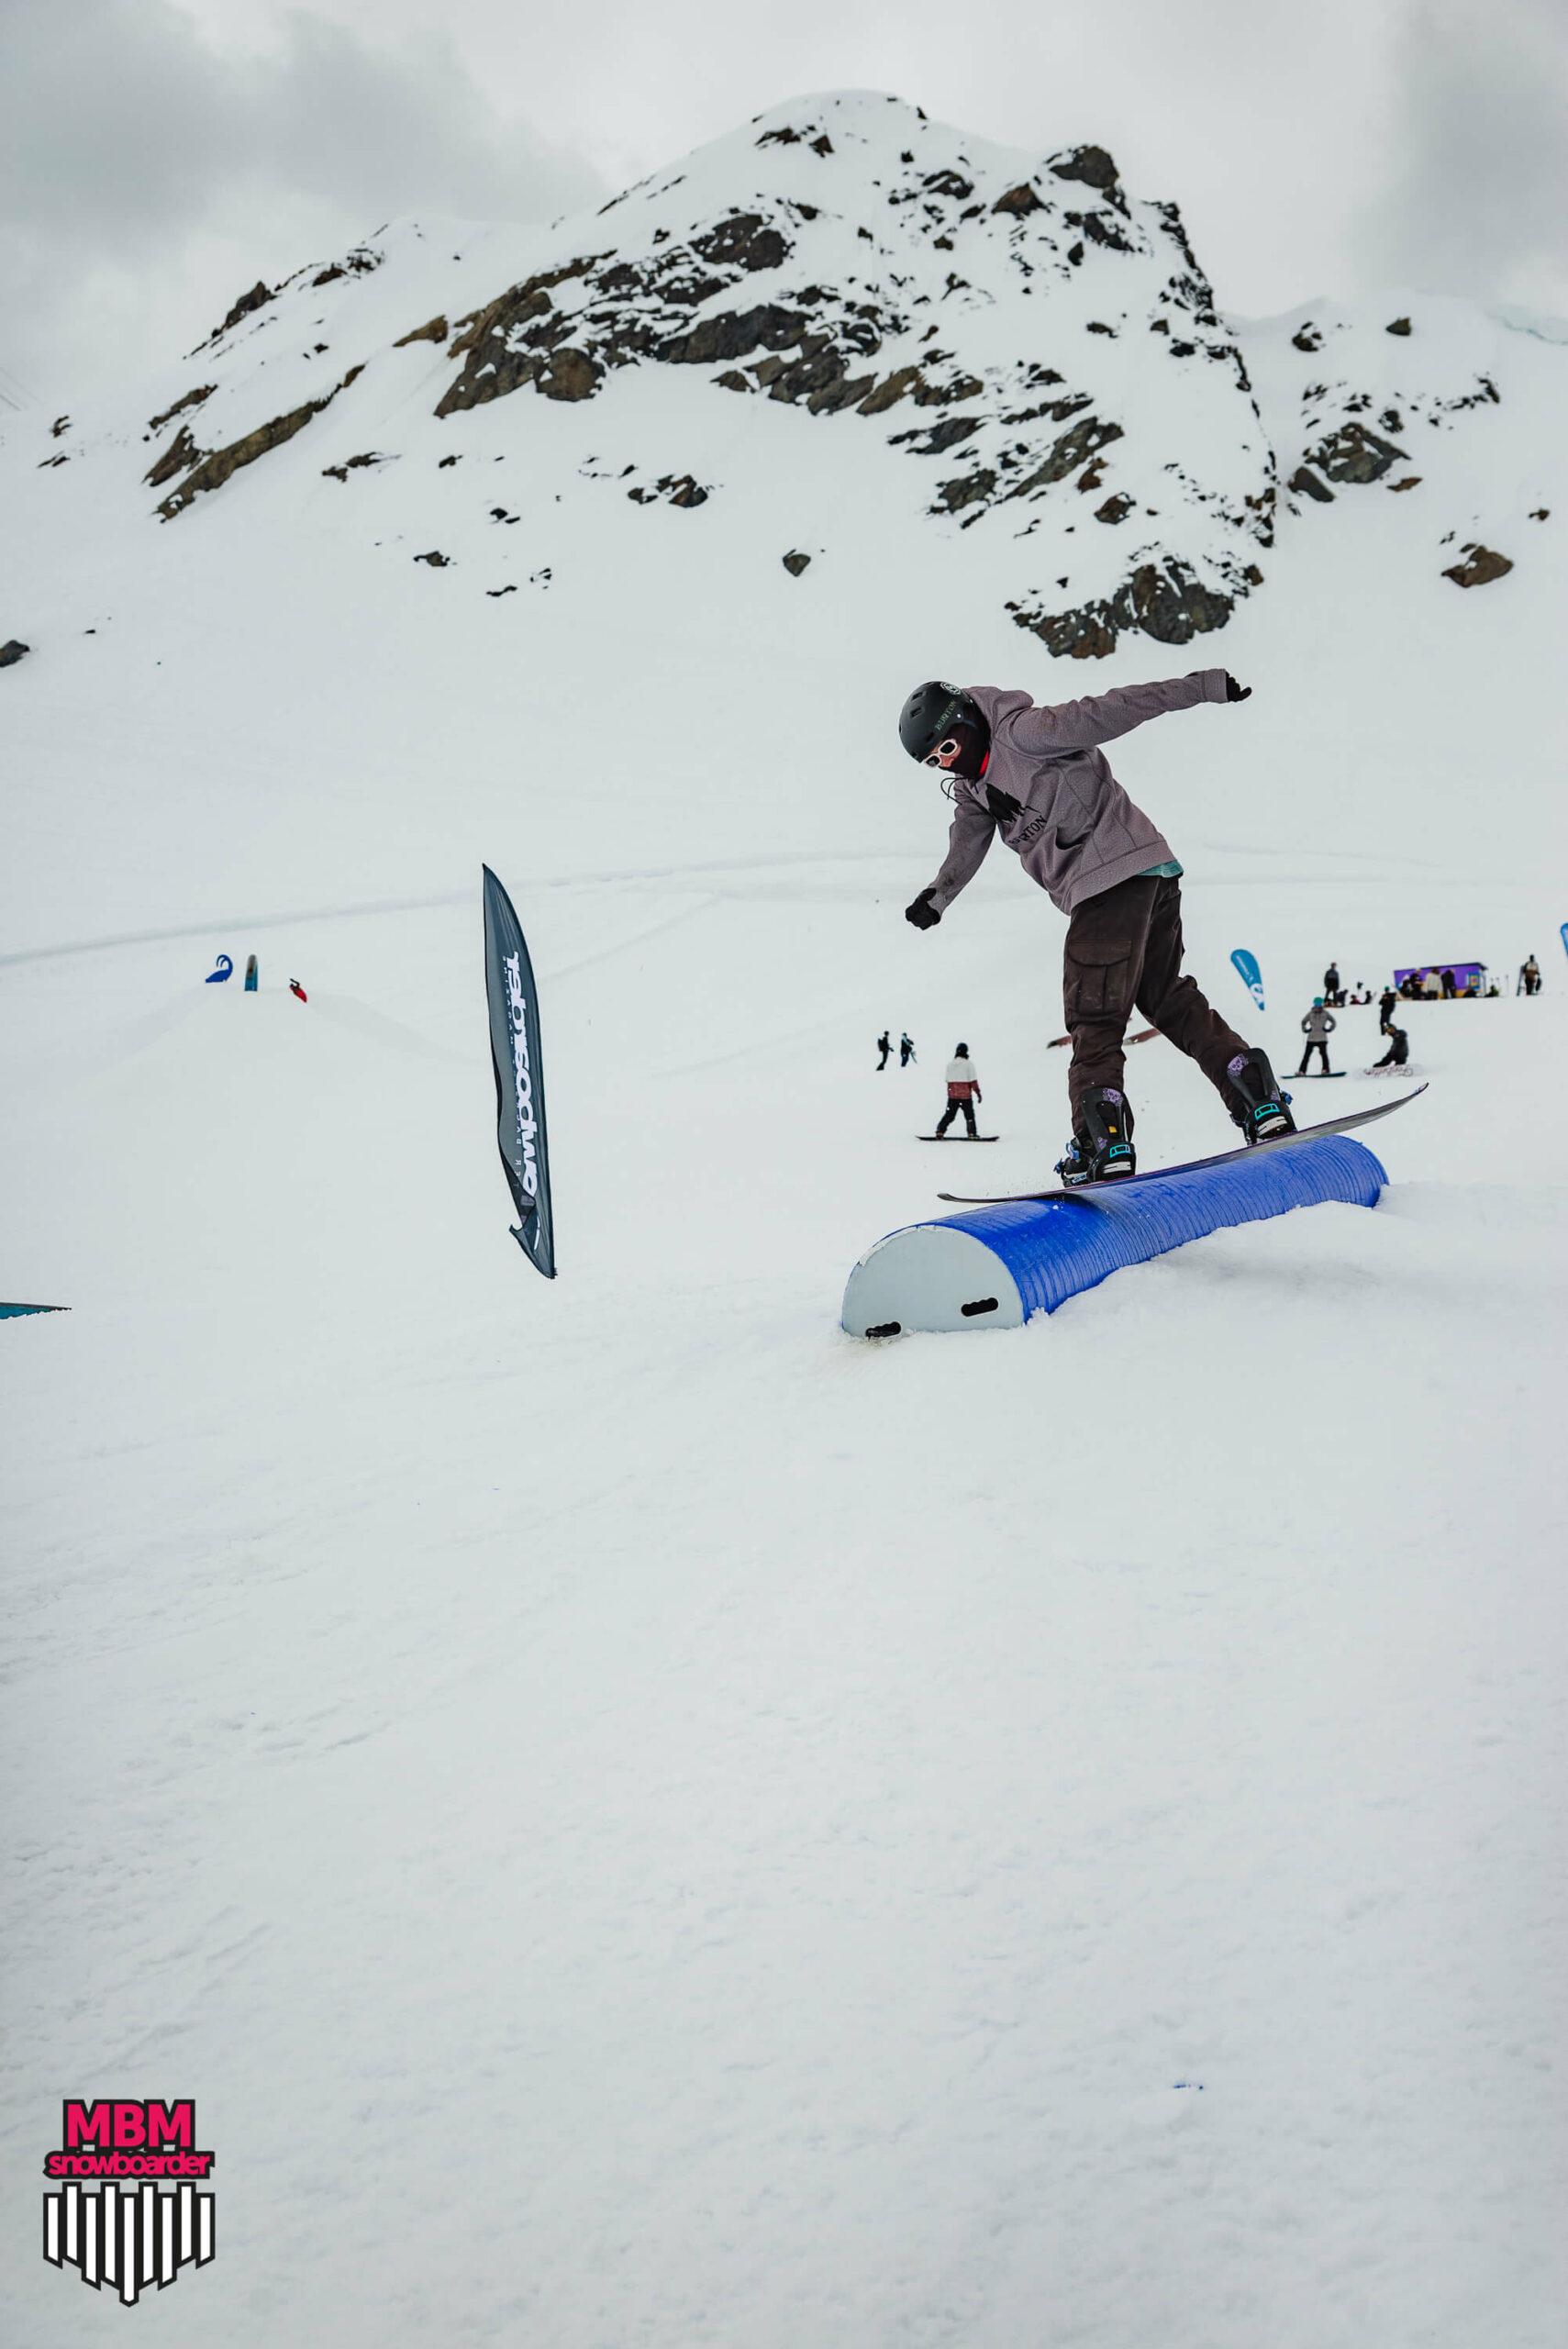 snowboarderMBM_sd_kaunertal_012